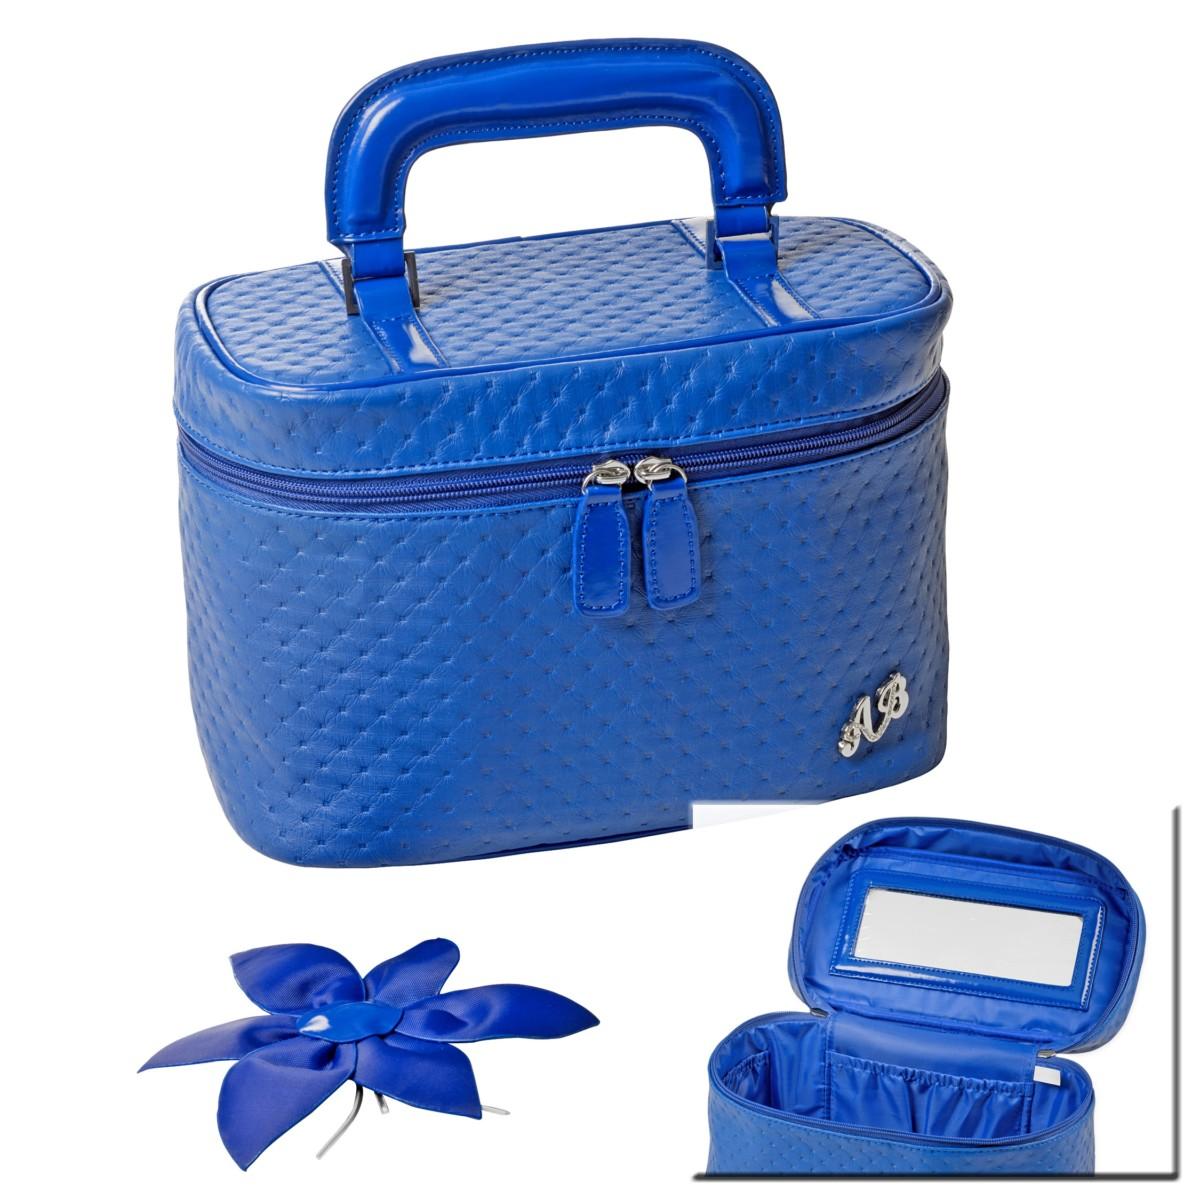 Simili cuir Bleu Vanity Case Maquillage Cosmétique De Toilette Sac